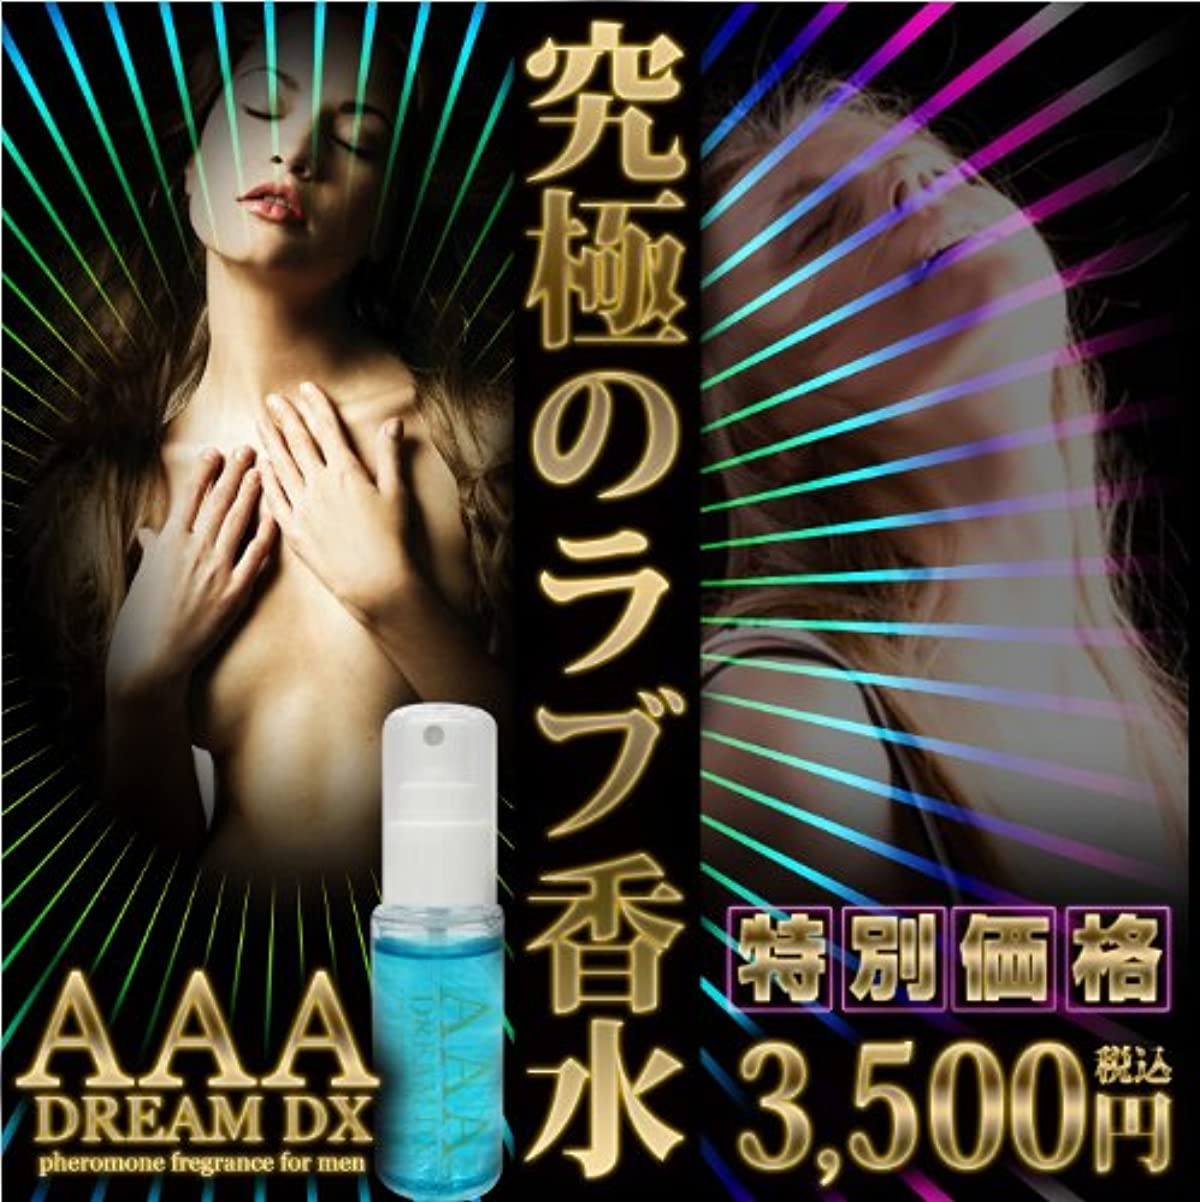 準備するエラー魅力AAA DreamDX エーエーエードリームデラックス(消臭成分配合男性用フェロモン香水)